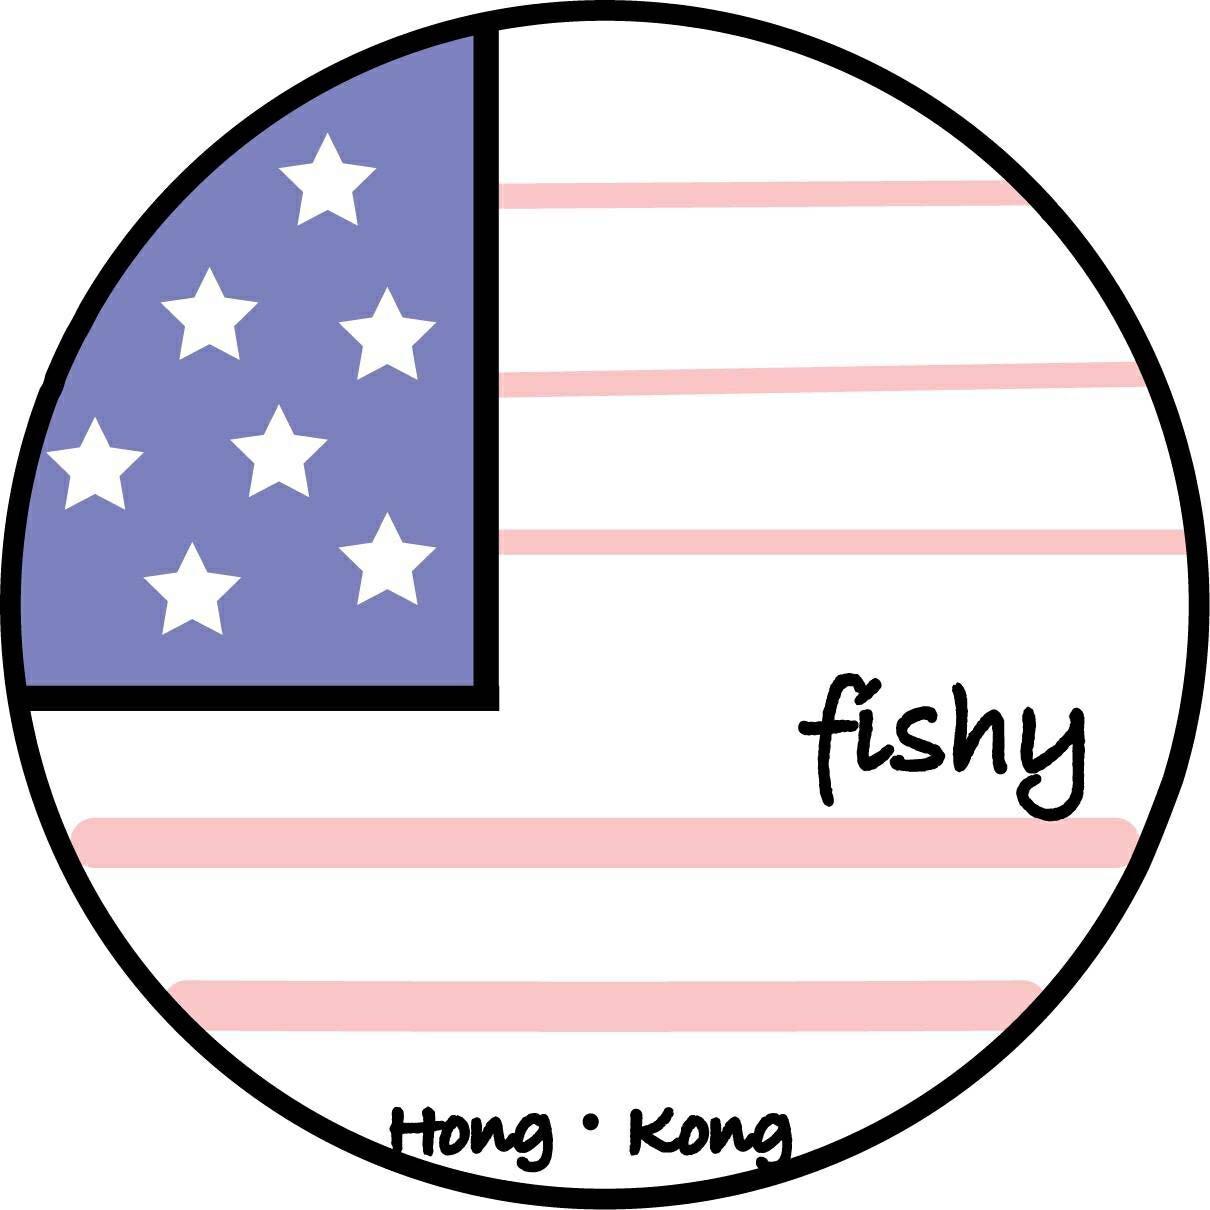 fishfishstore